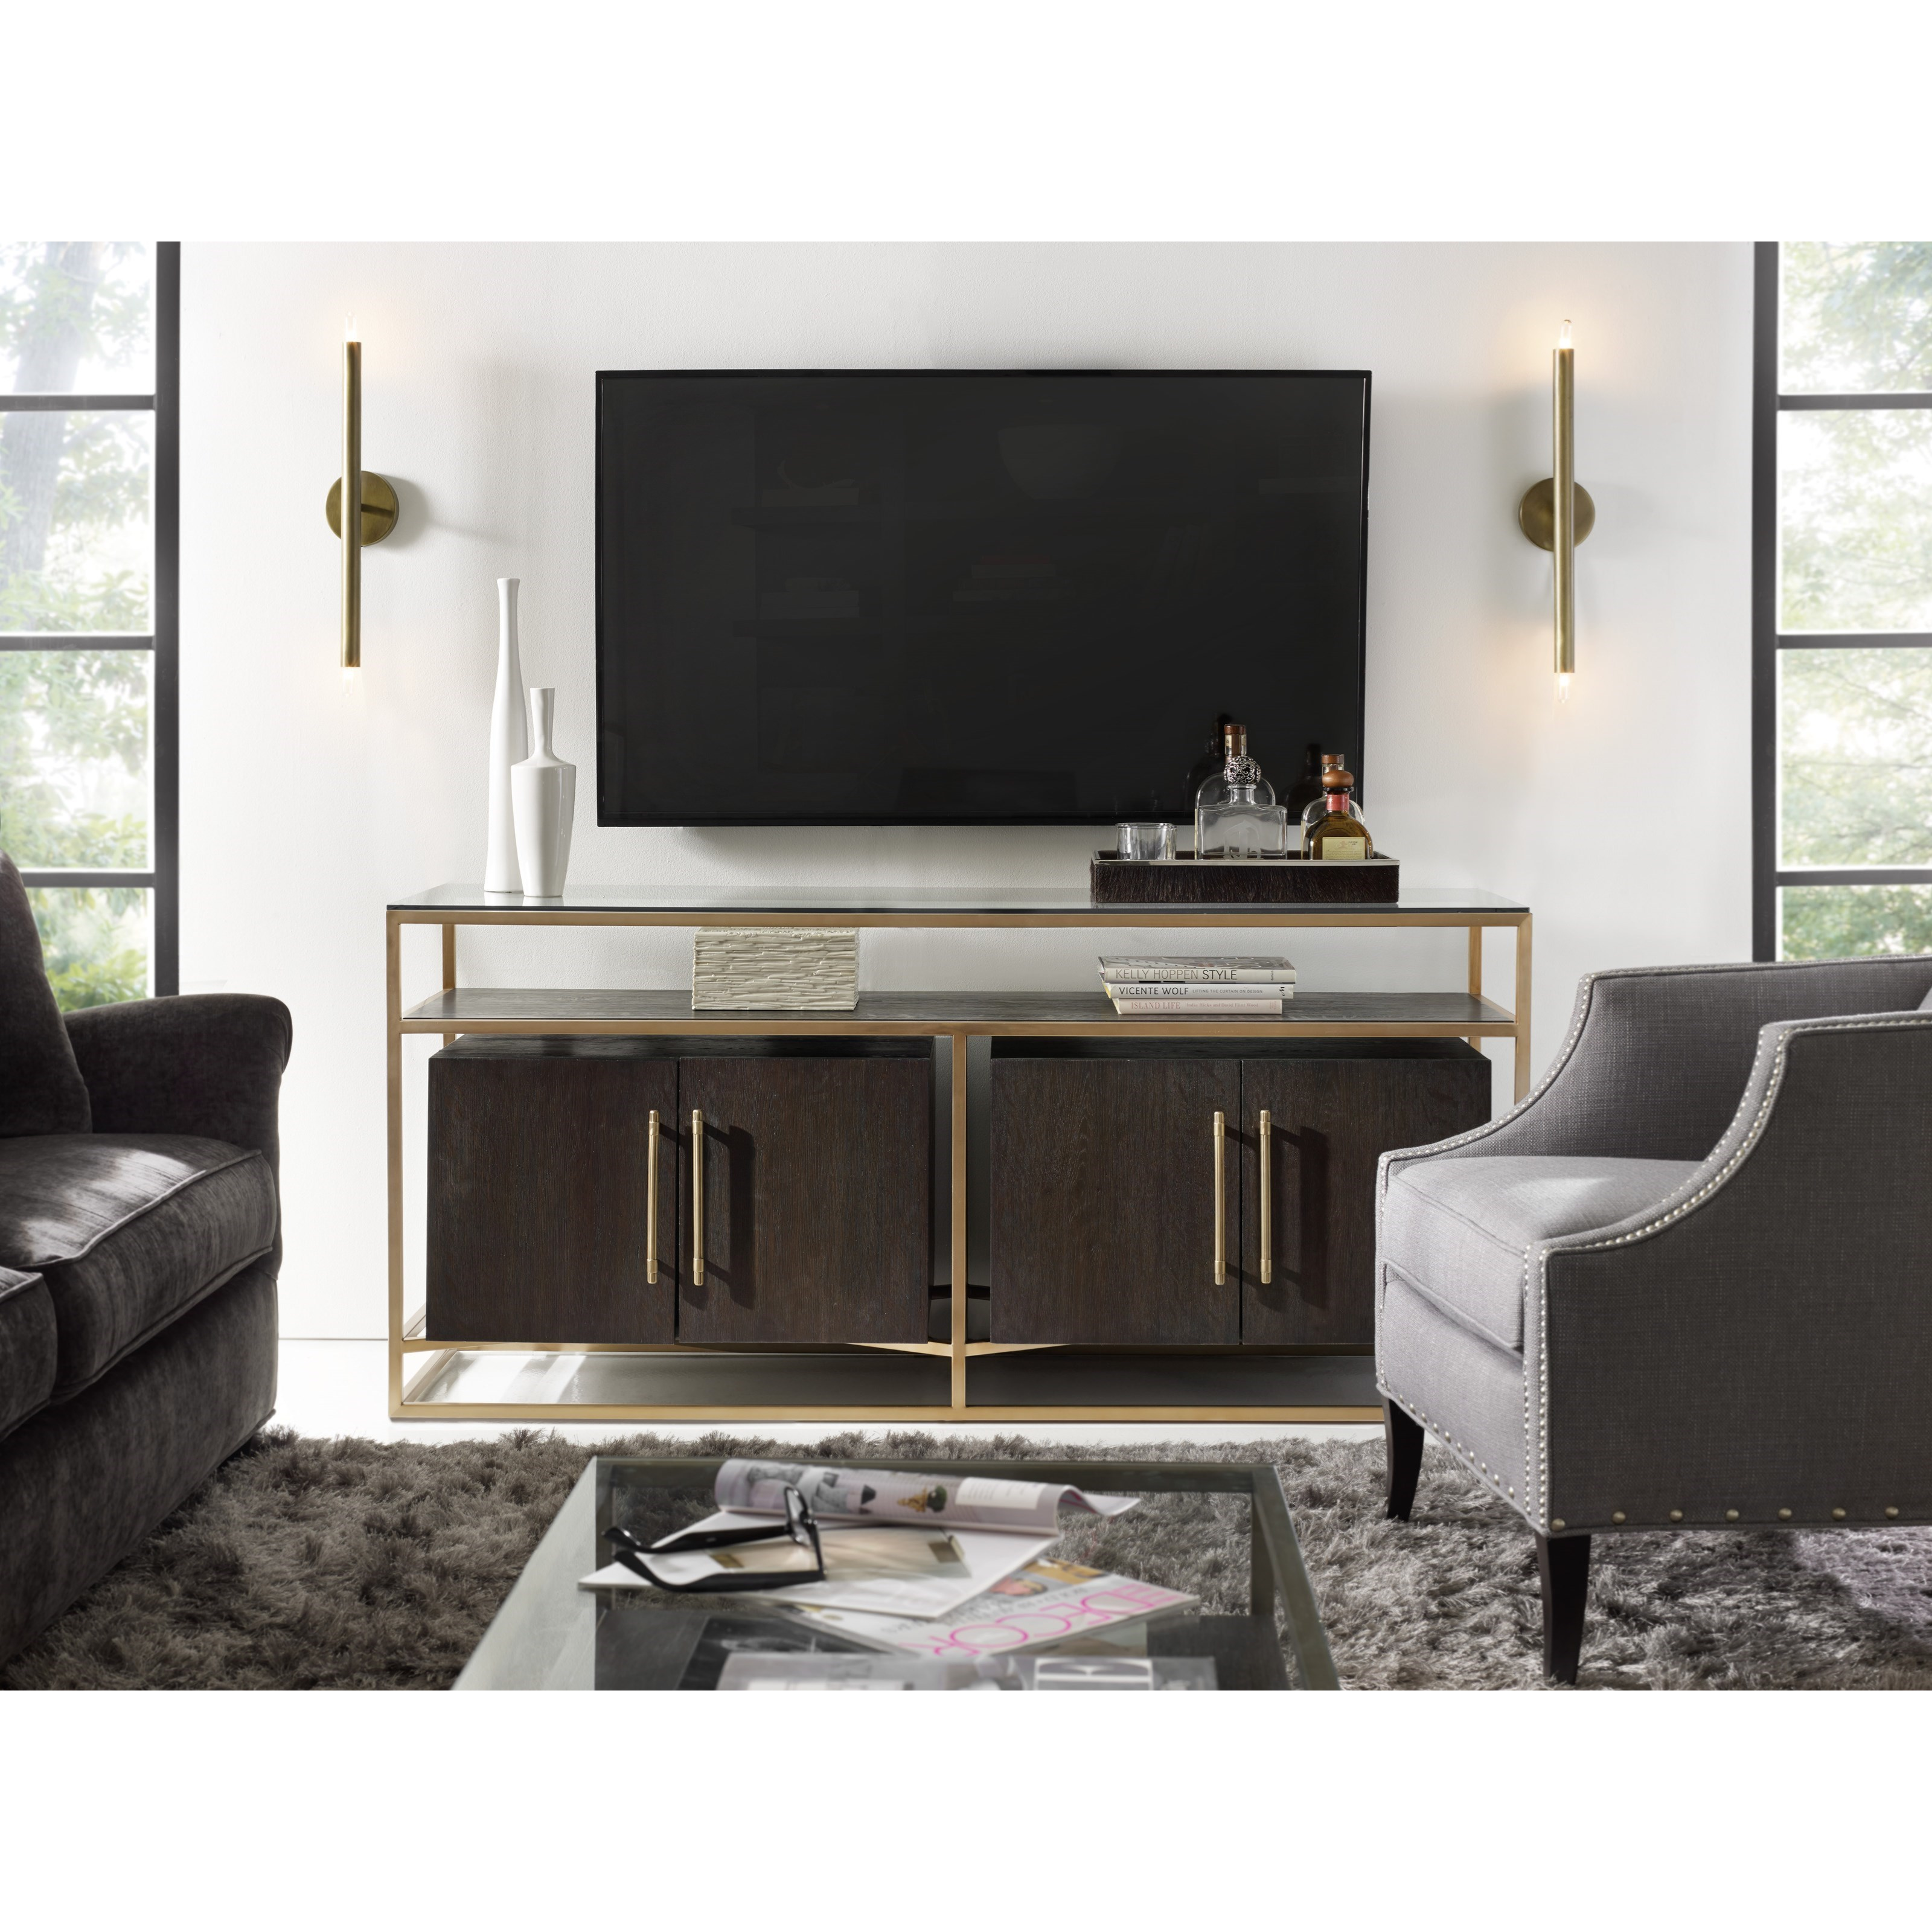 Hooker Furniture Curata 1600 55466 Dkw Modern